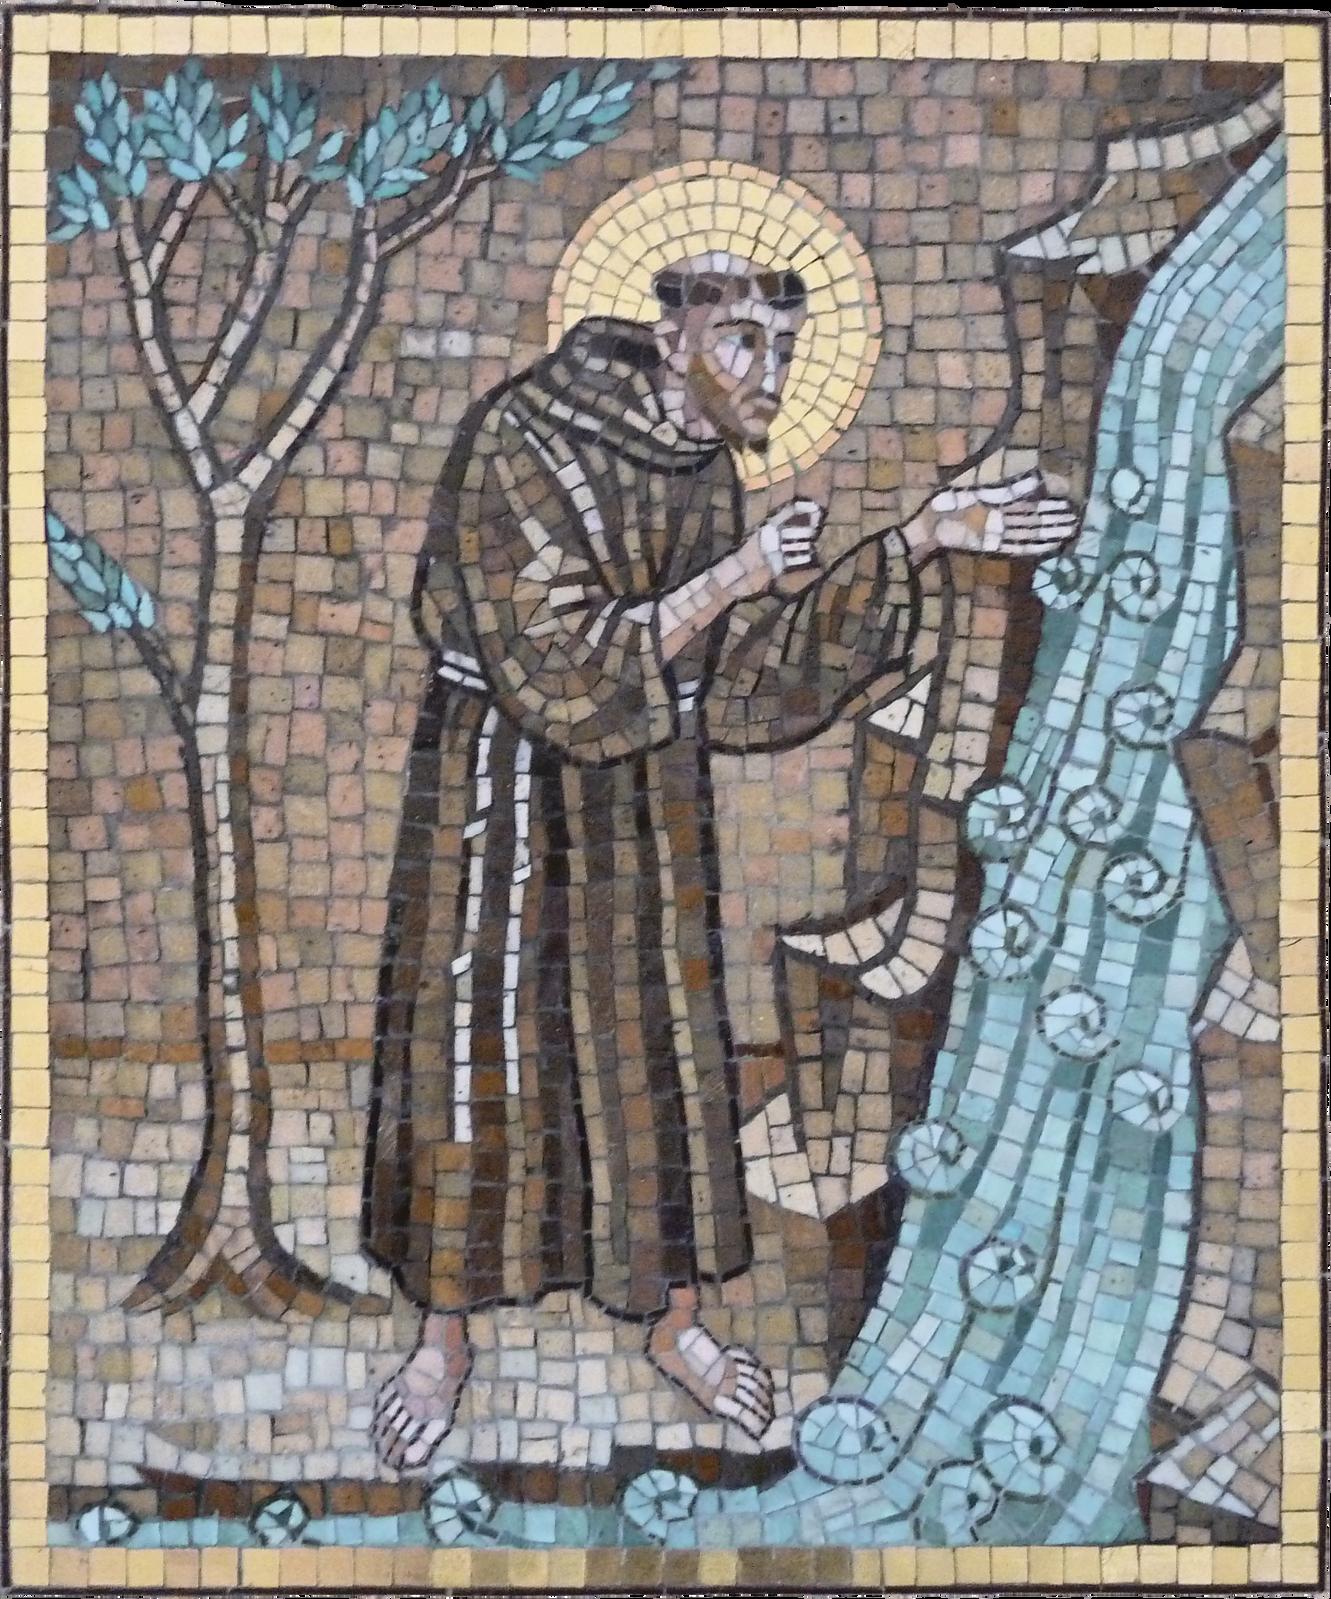 Święty Franciszek przemawiający do wody Mozaika stanowi ilustrację wersów Pieśni słonecznej. Źródło: Święty Franciszek przemawiający do wody, licencja: CC BY 2.0.